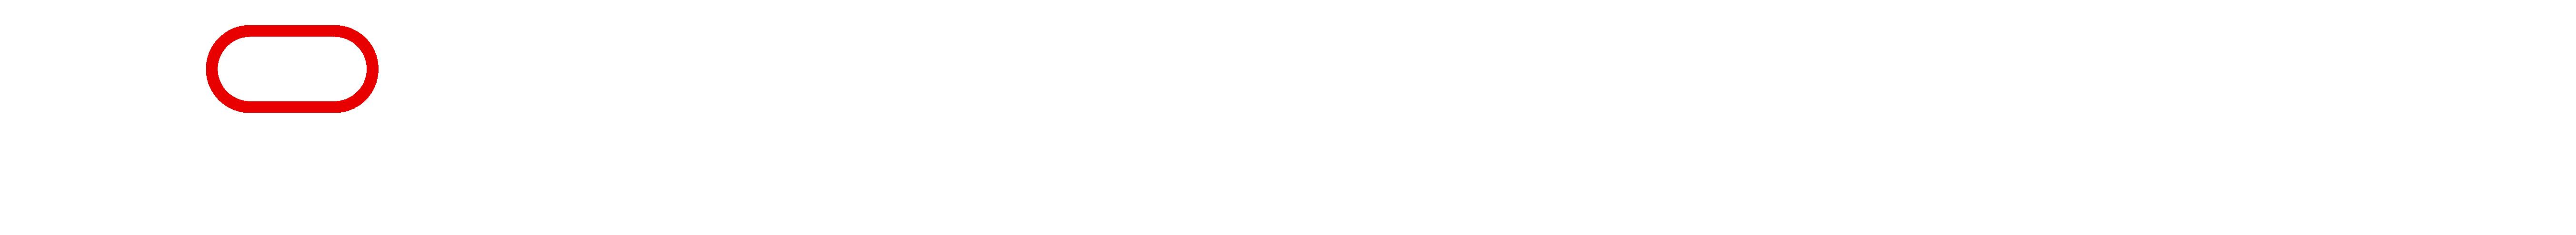 | opnamestudio | geluidsregistratie | imaging | editen | mixen | masteren |